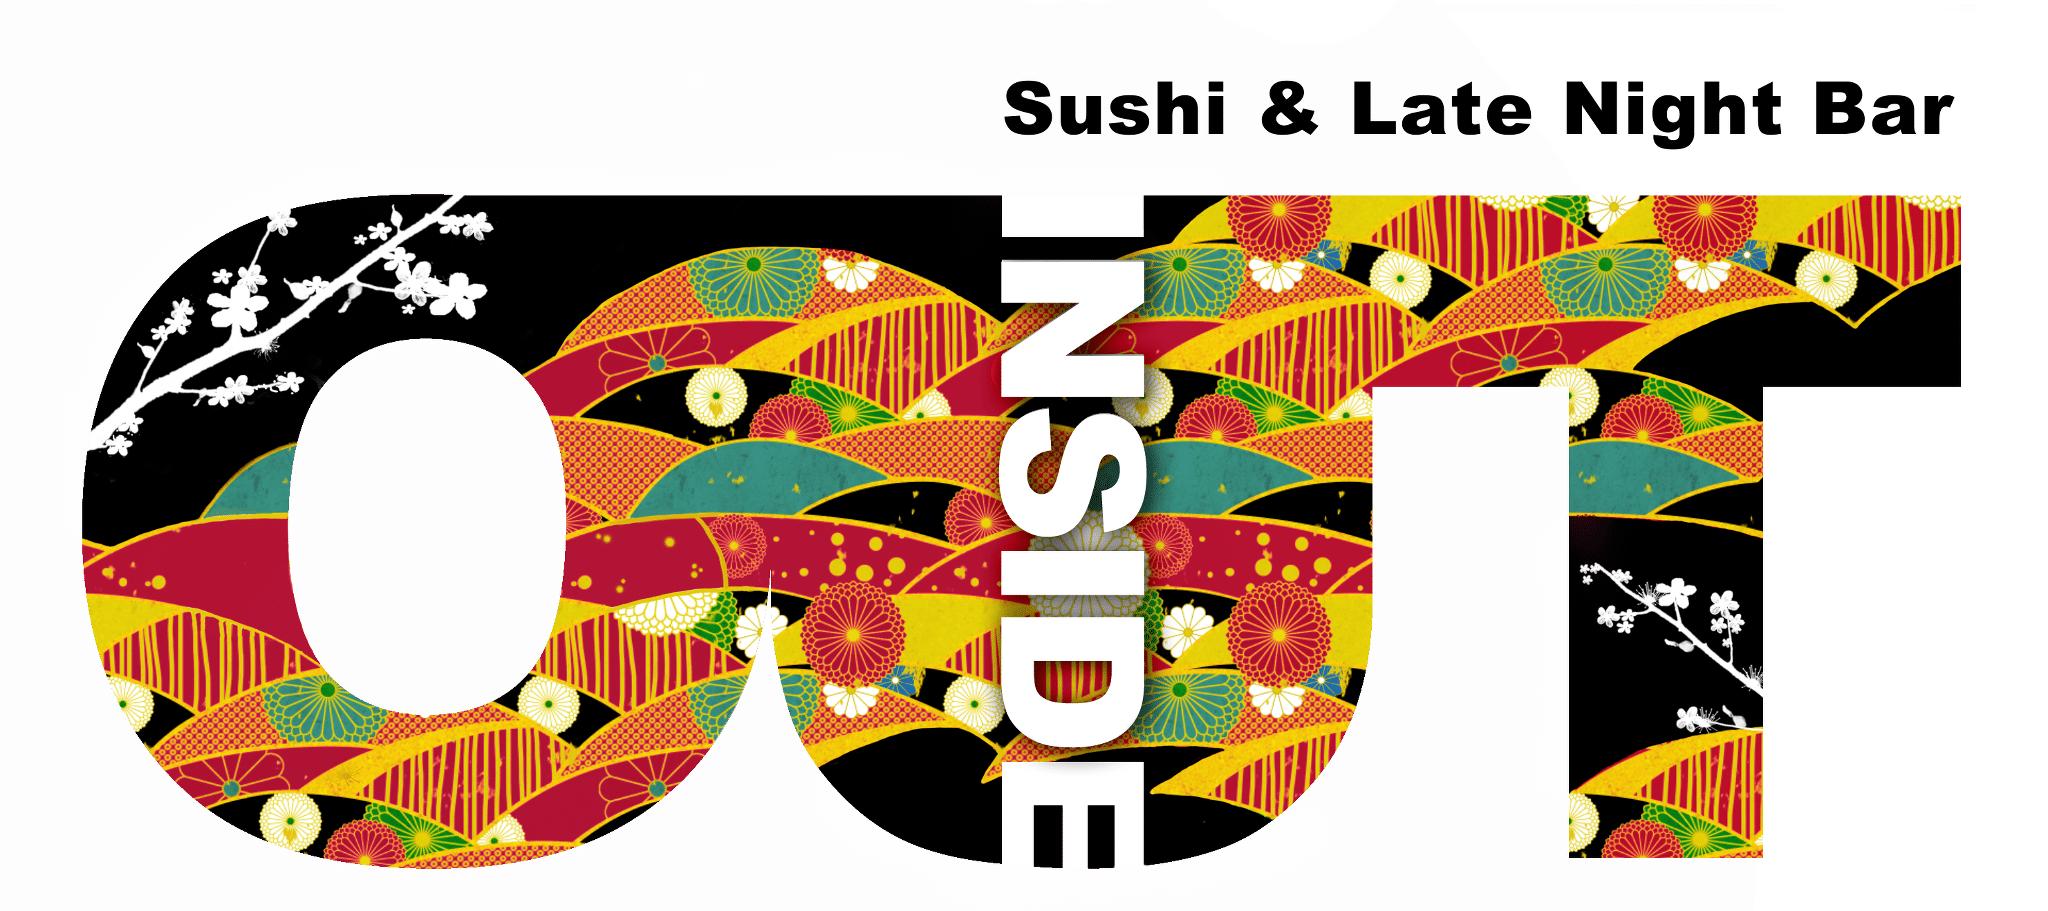 אינסייד אאוט סושי Inside Out Sushi